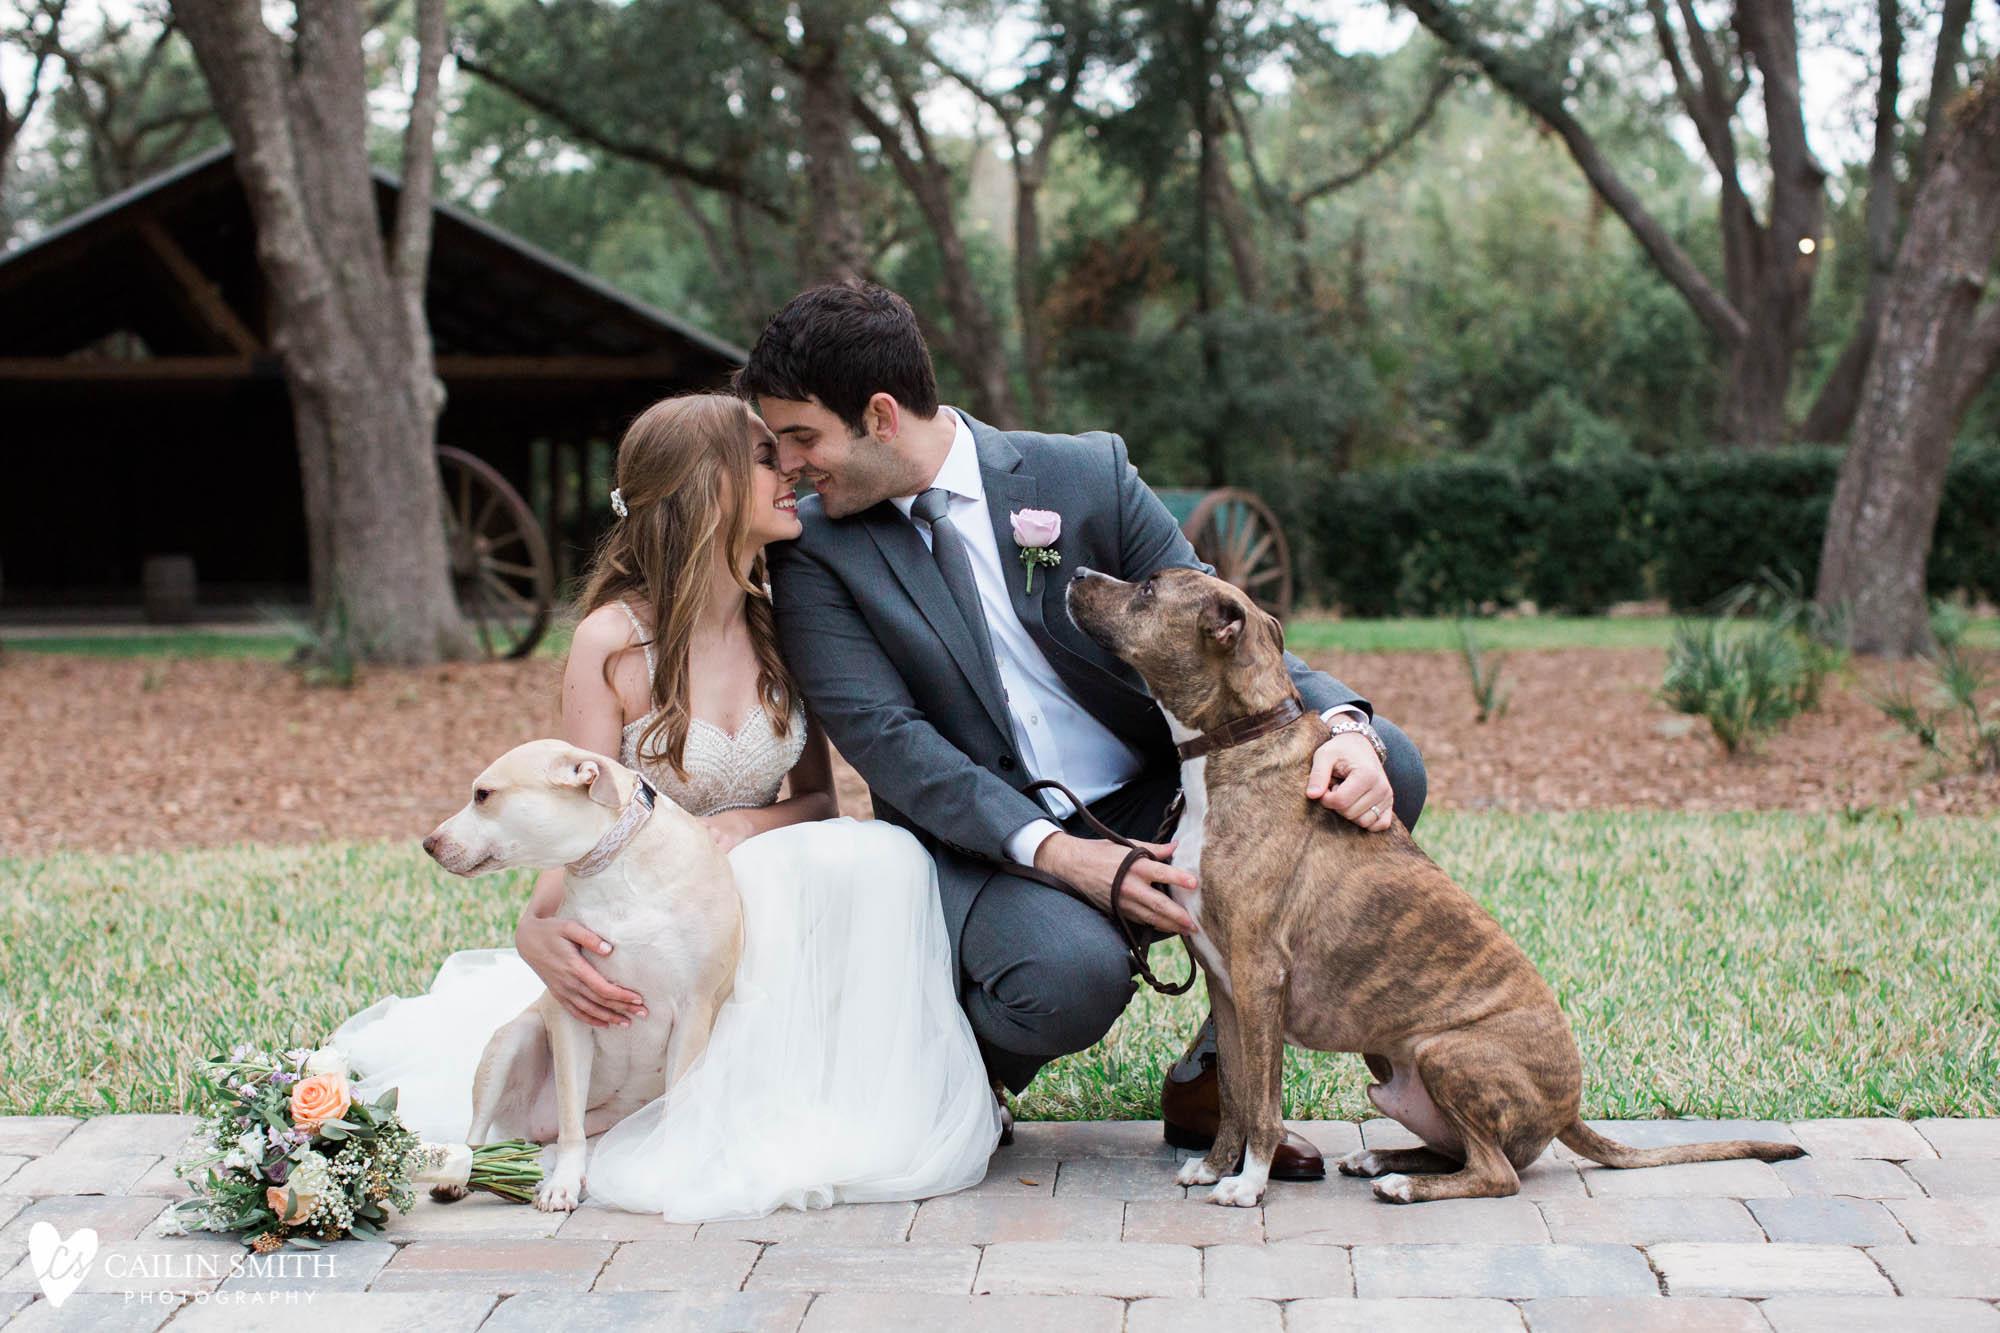 Sylvia_Anthony_Bowing_Oaks_Plantation_Wedding_Photography_0069.jpg